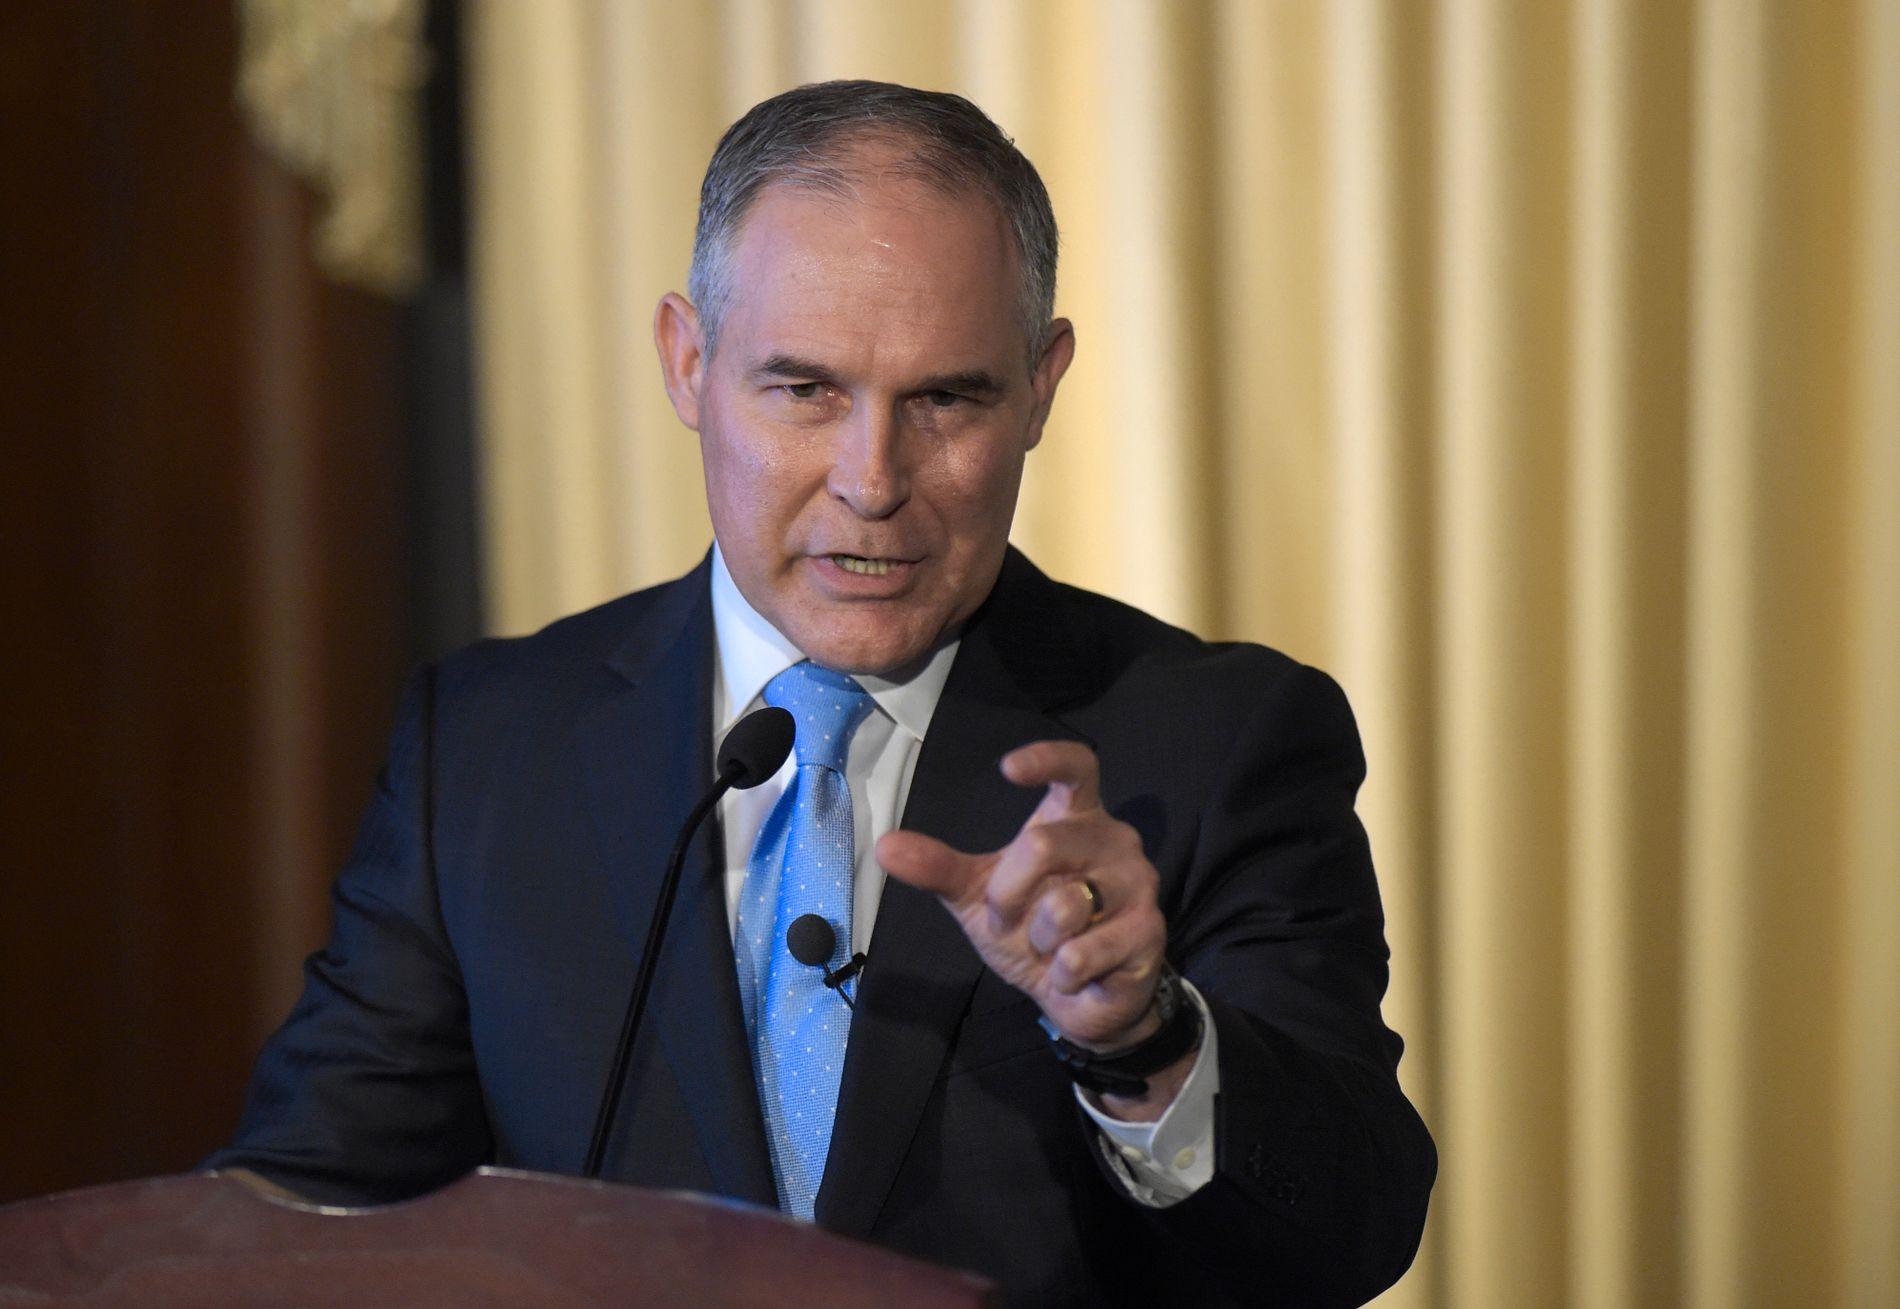 IKKE KLIMA FØRST: Kravet om rapportering av metanutslipp var en byrde for næringslivet, mener EPAs nye sjef Scott Pruitt. Foto: Susan Walsh / AP / NTB scanpix